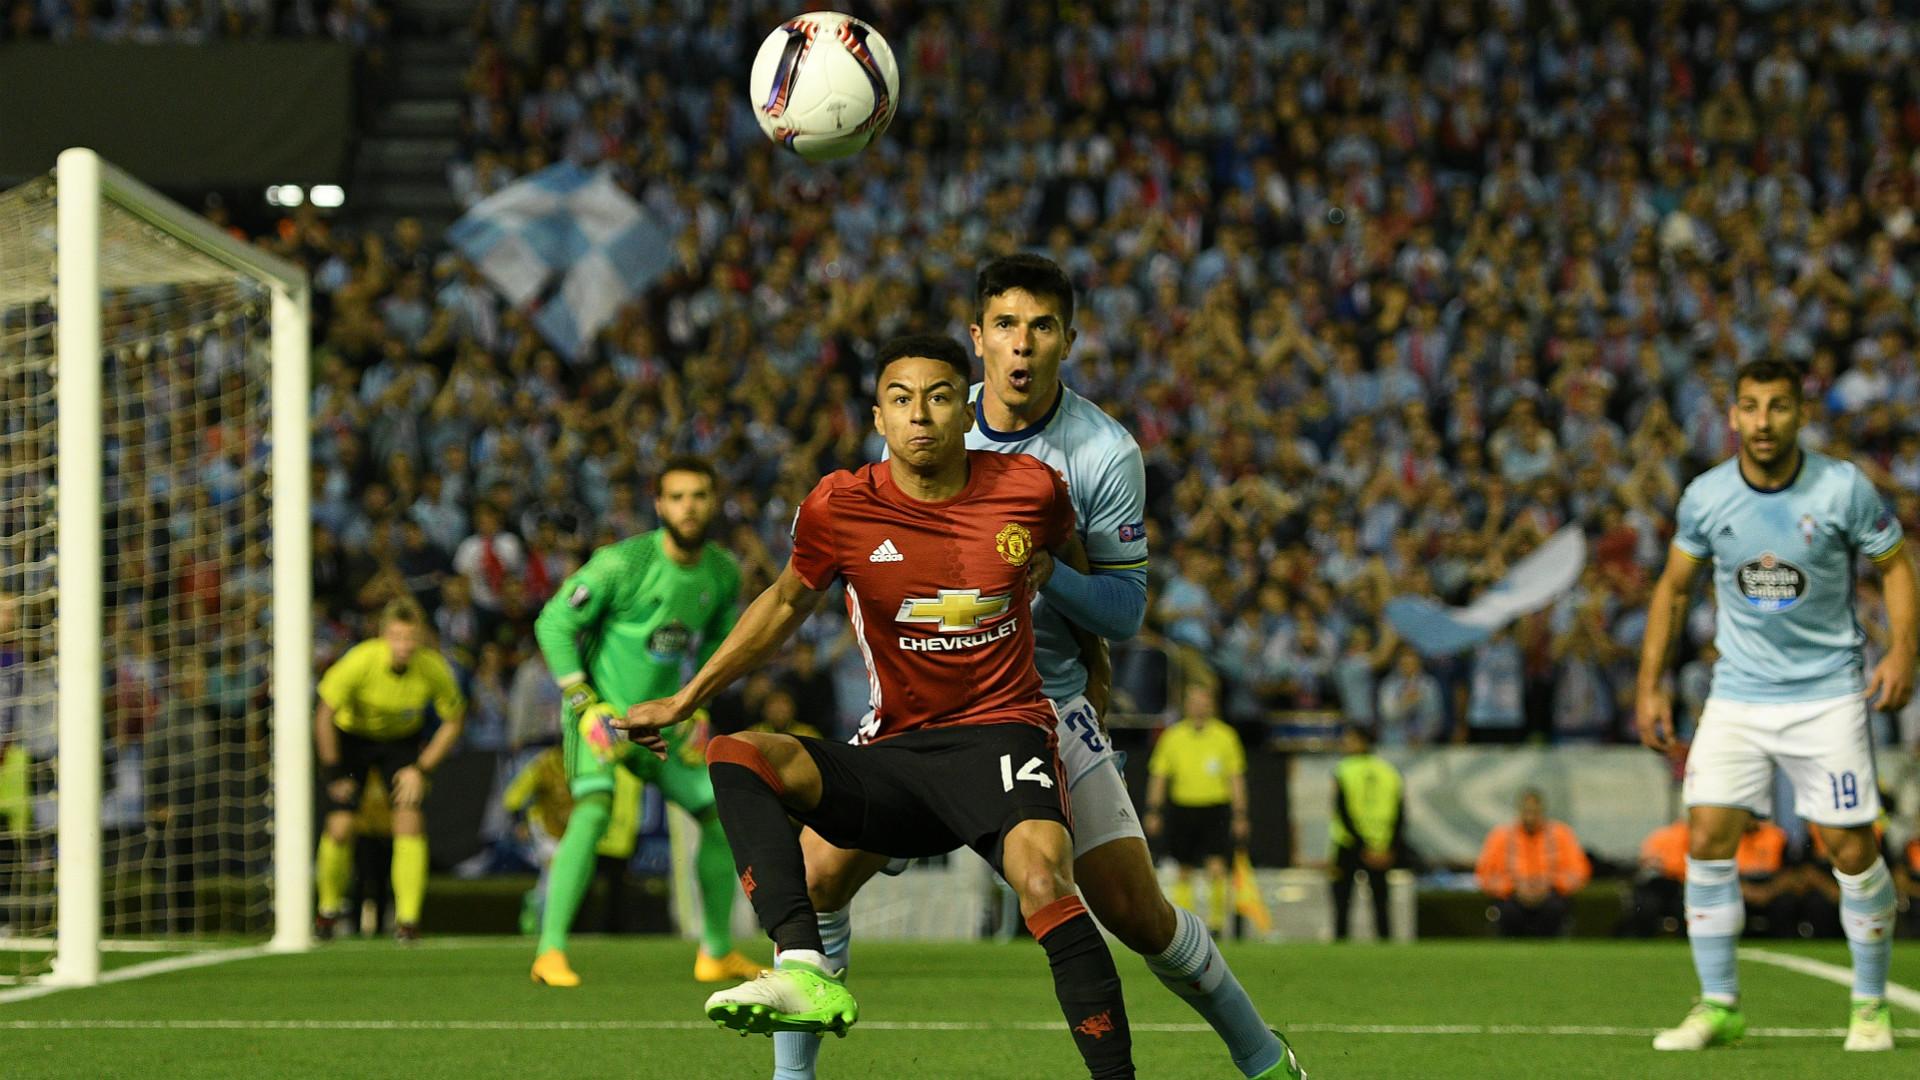 Vô địch Europa League, Man Utd nhận tiền tấn - Bóng Đá